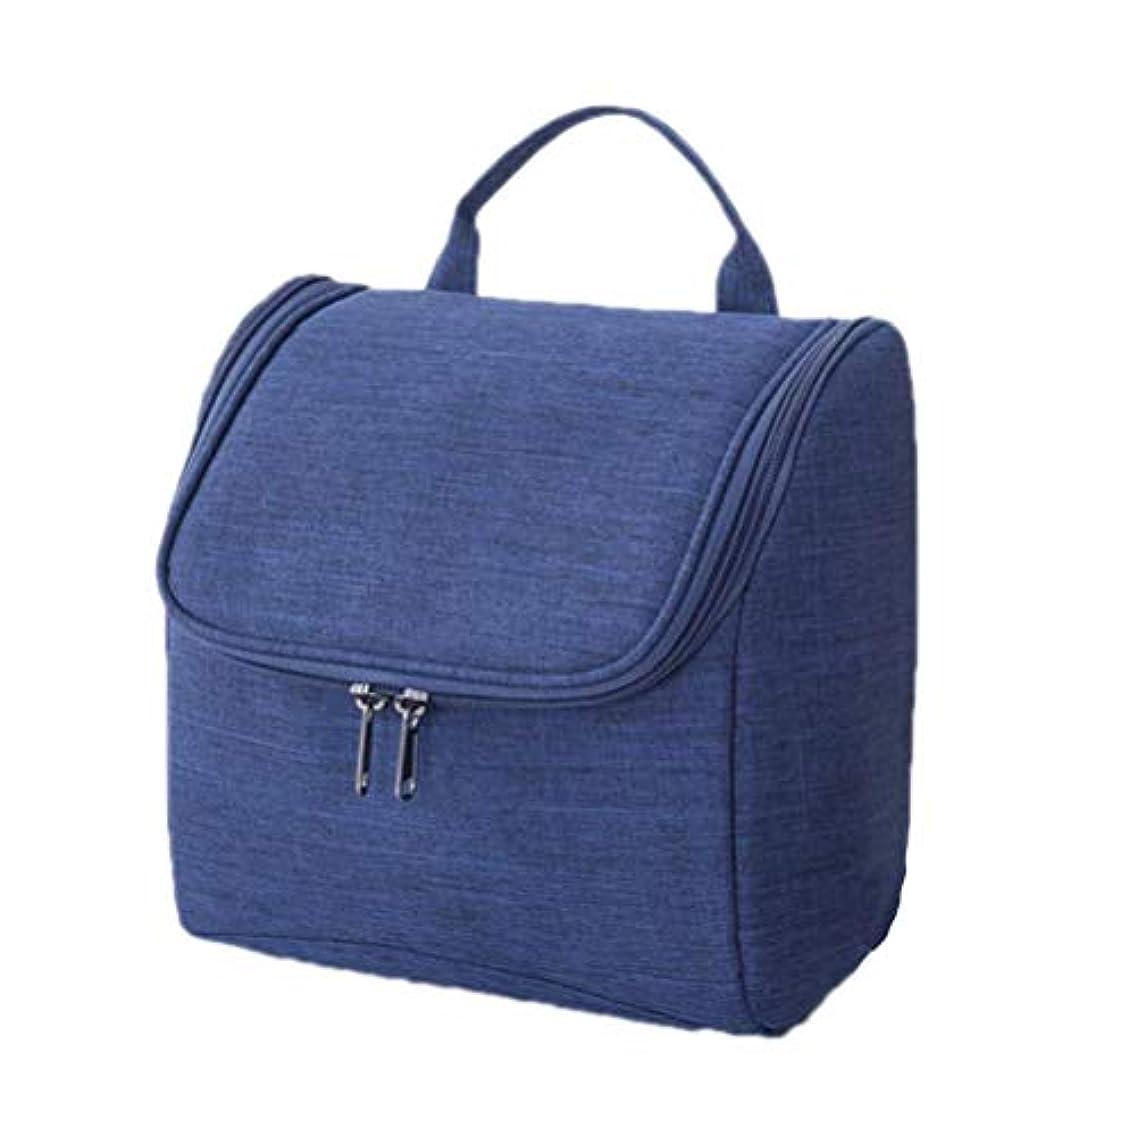 写真のアルファベット害虫COSCO コスメバッグ トラベルポーチ 化粧ポーチ 旅行バッグ 洗面用具入れ 収納バッグ フック付き 吊り下げ